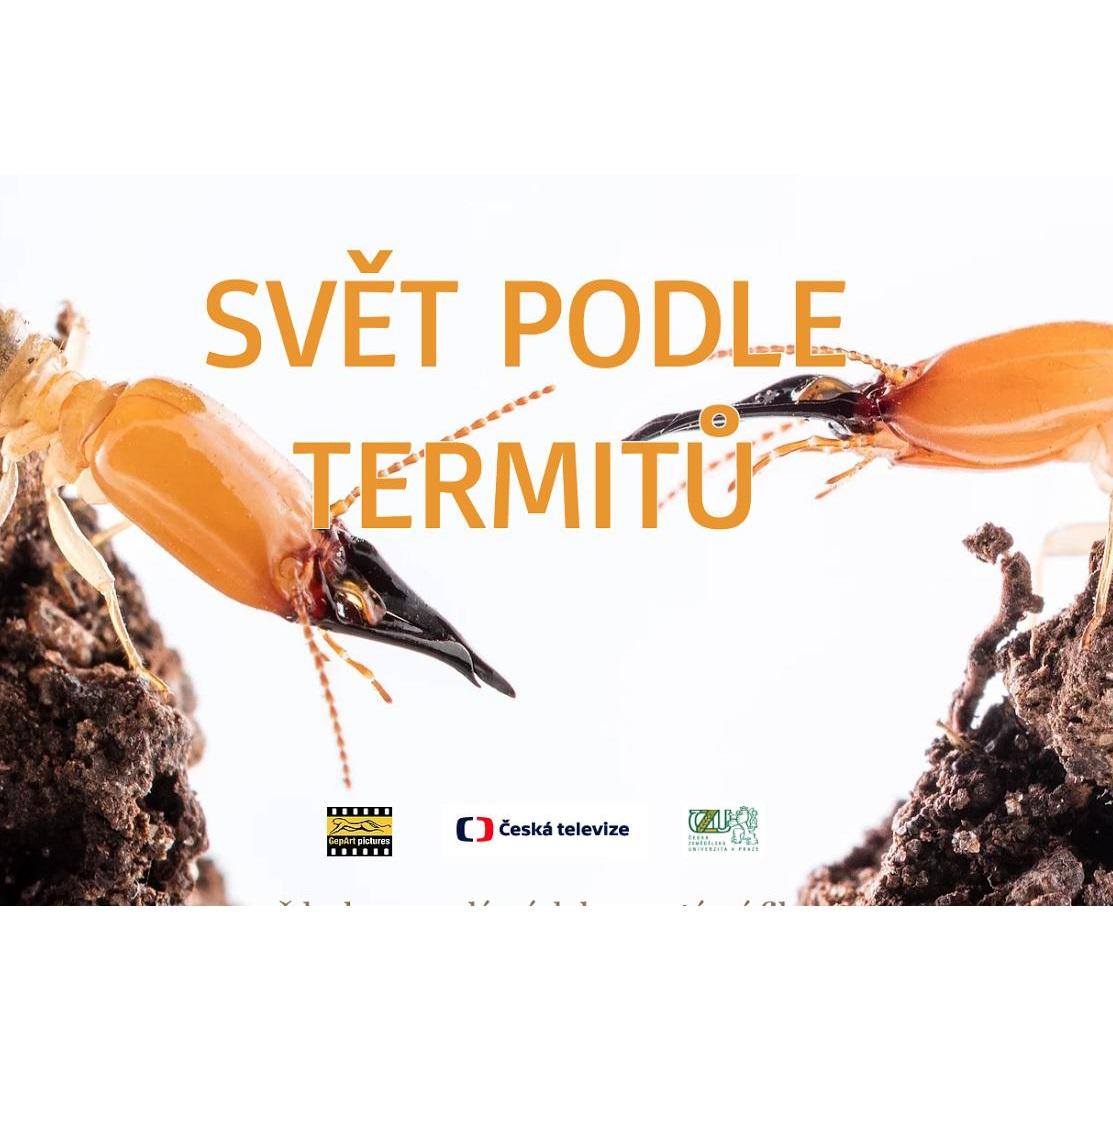 Svět podle termitů